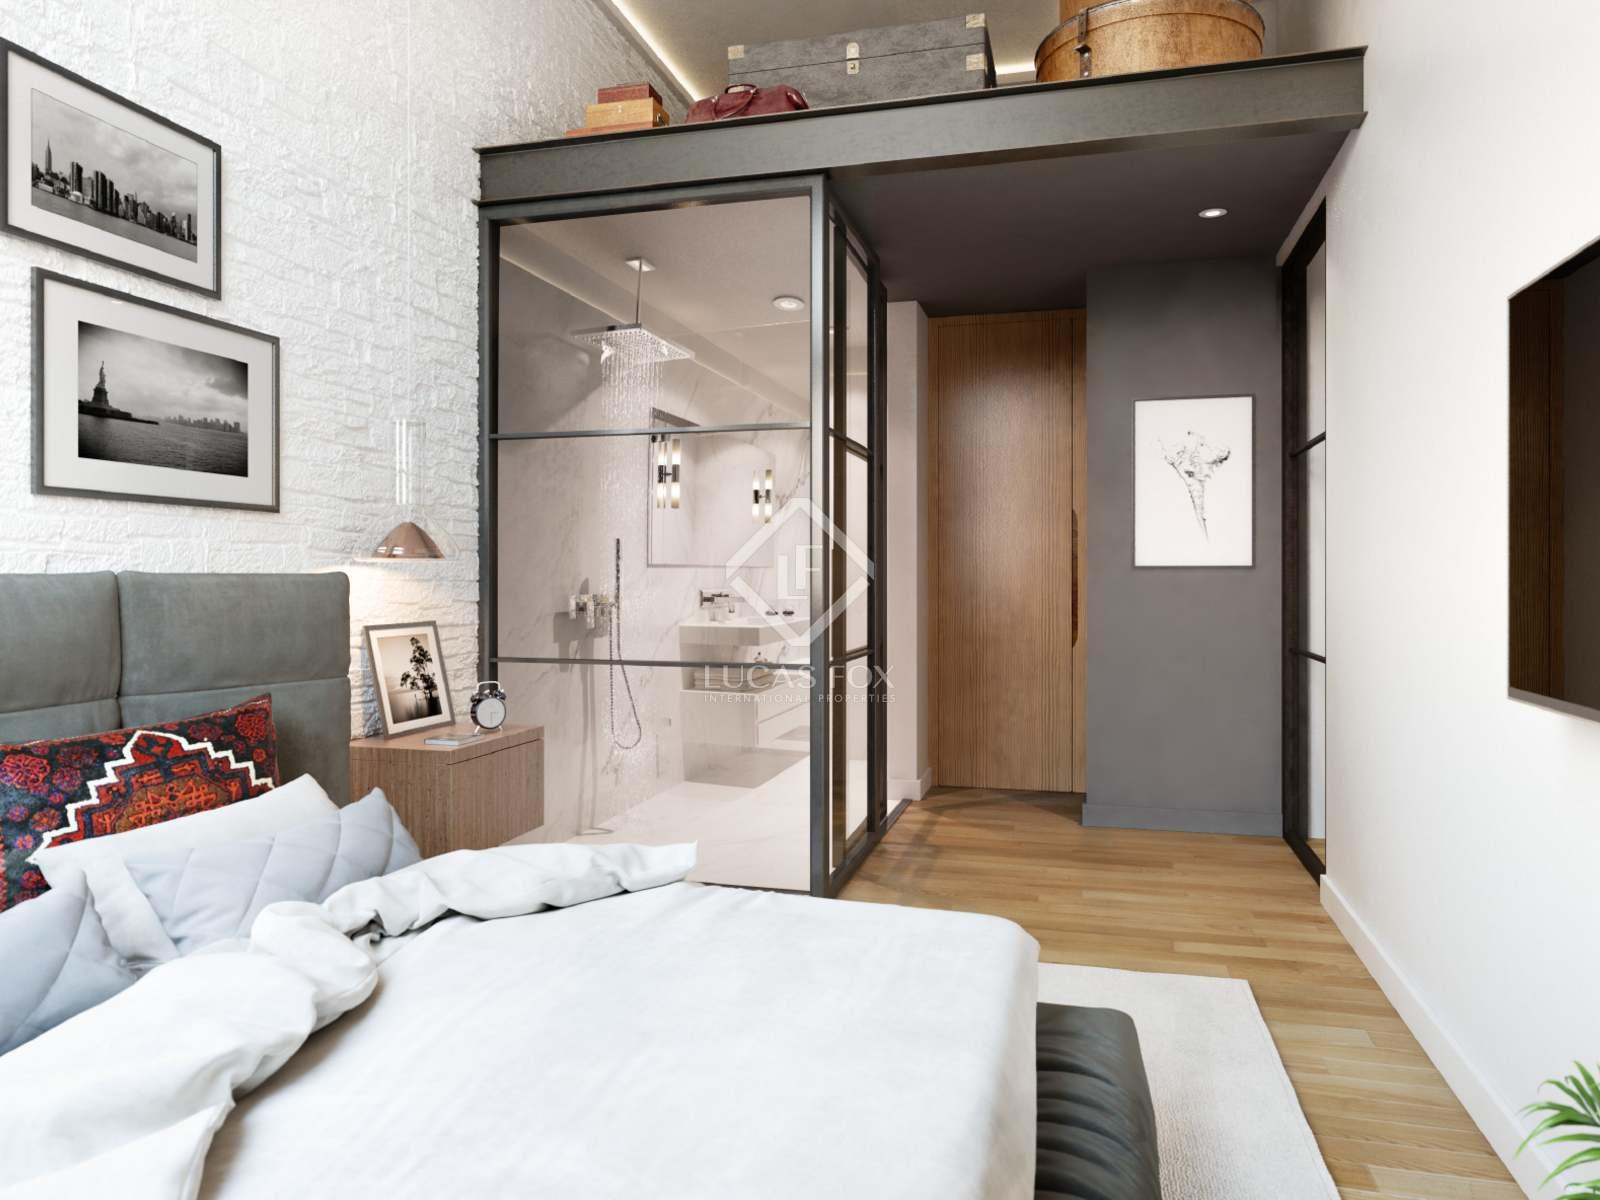 Dormitorio : Algunas de las imágenes digitales utilizadas son aproximativas